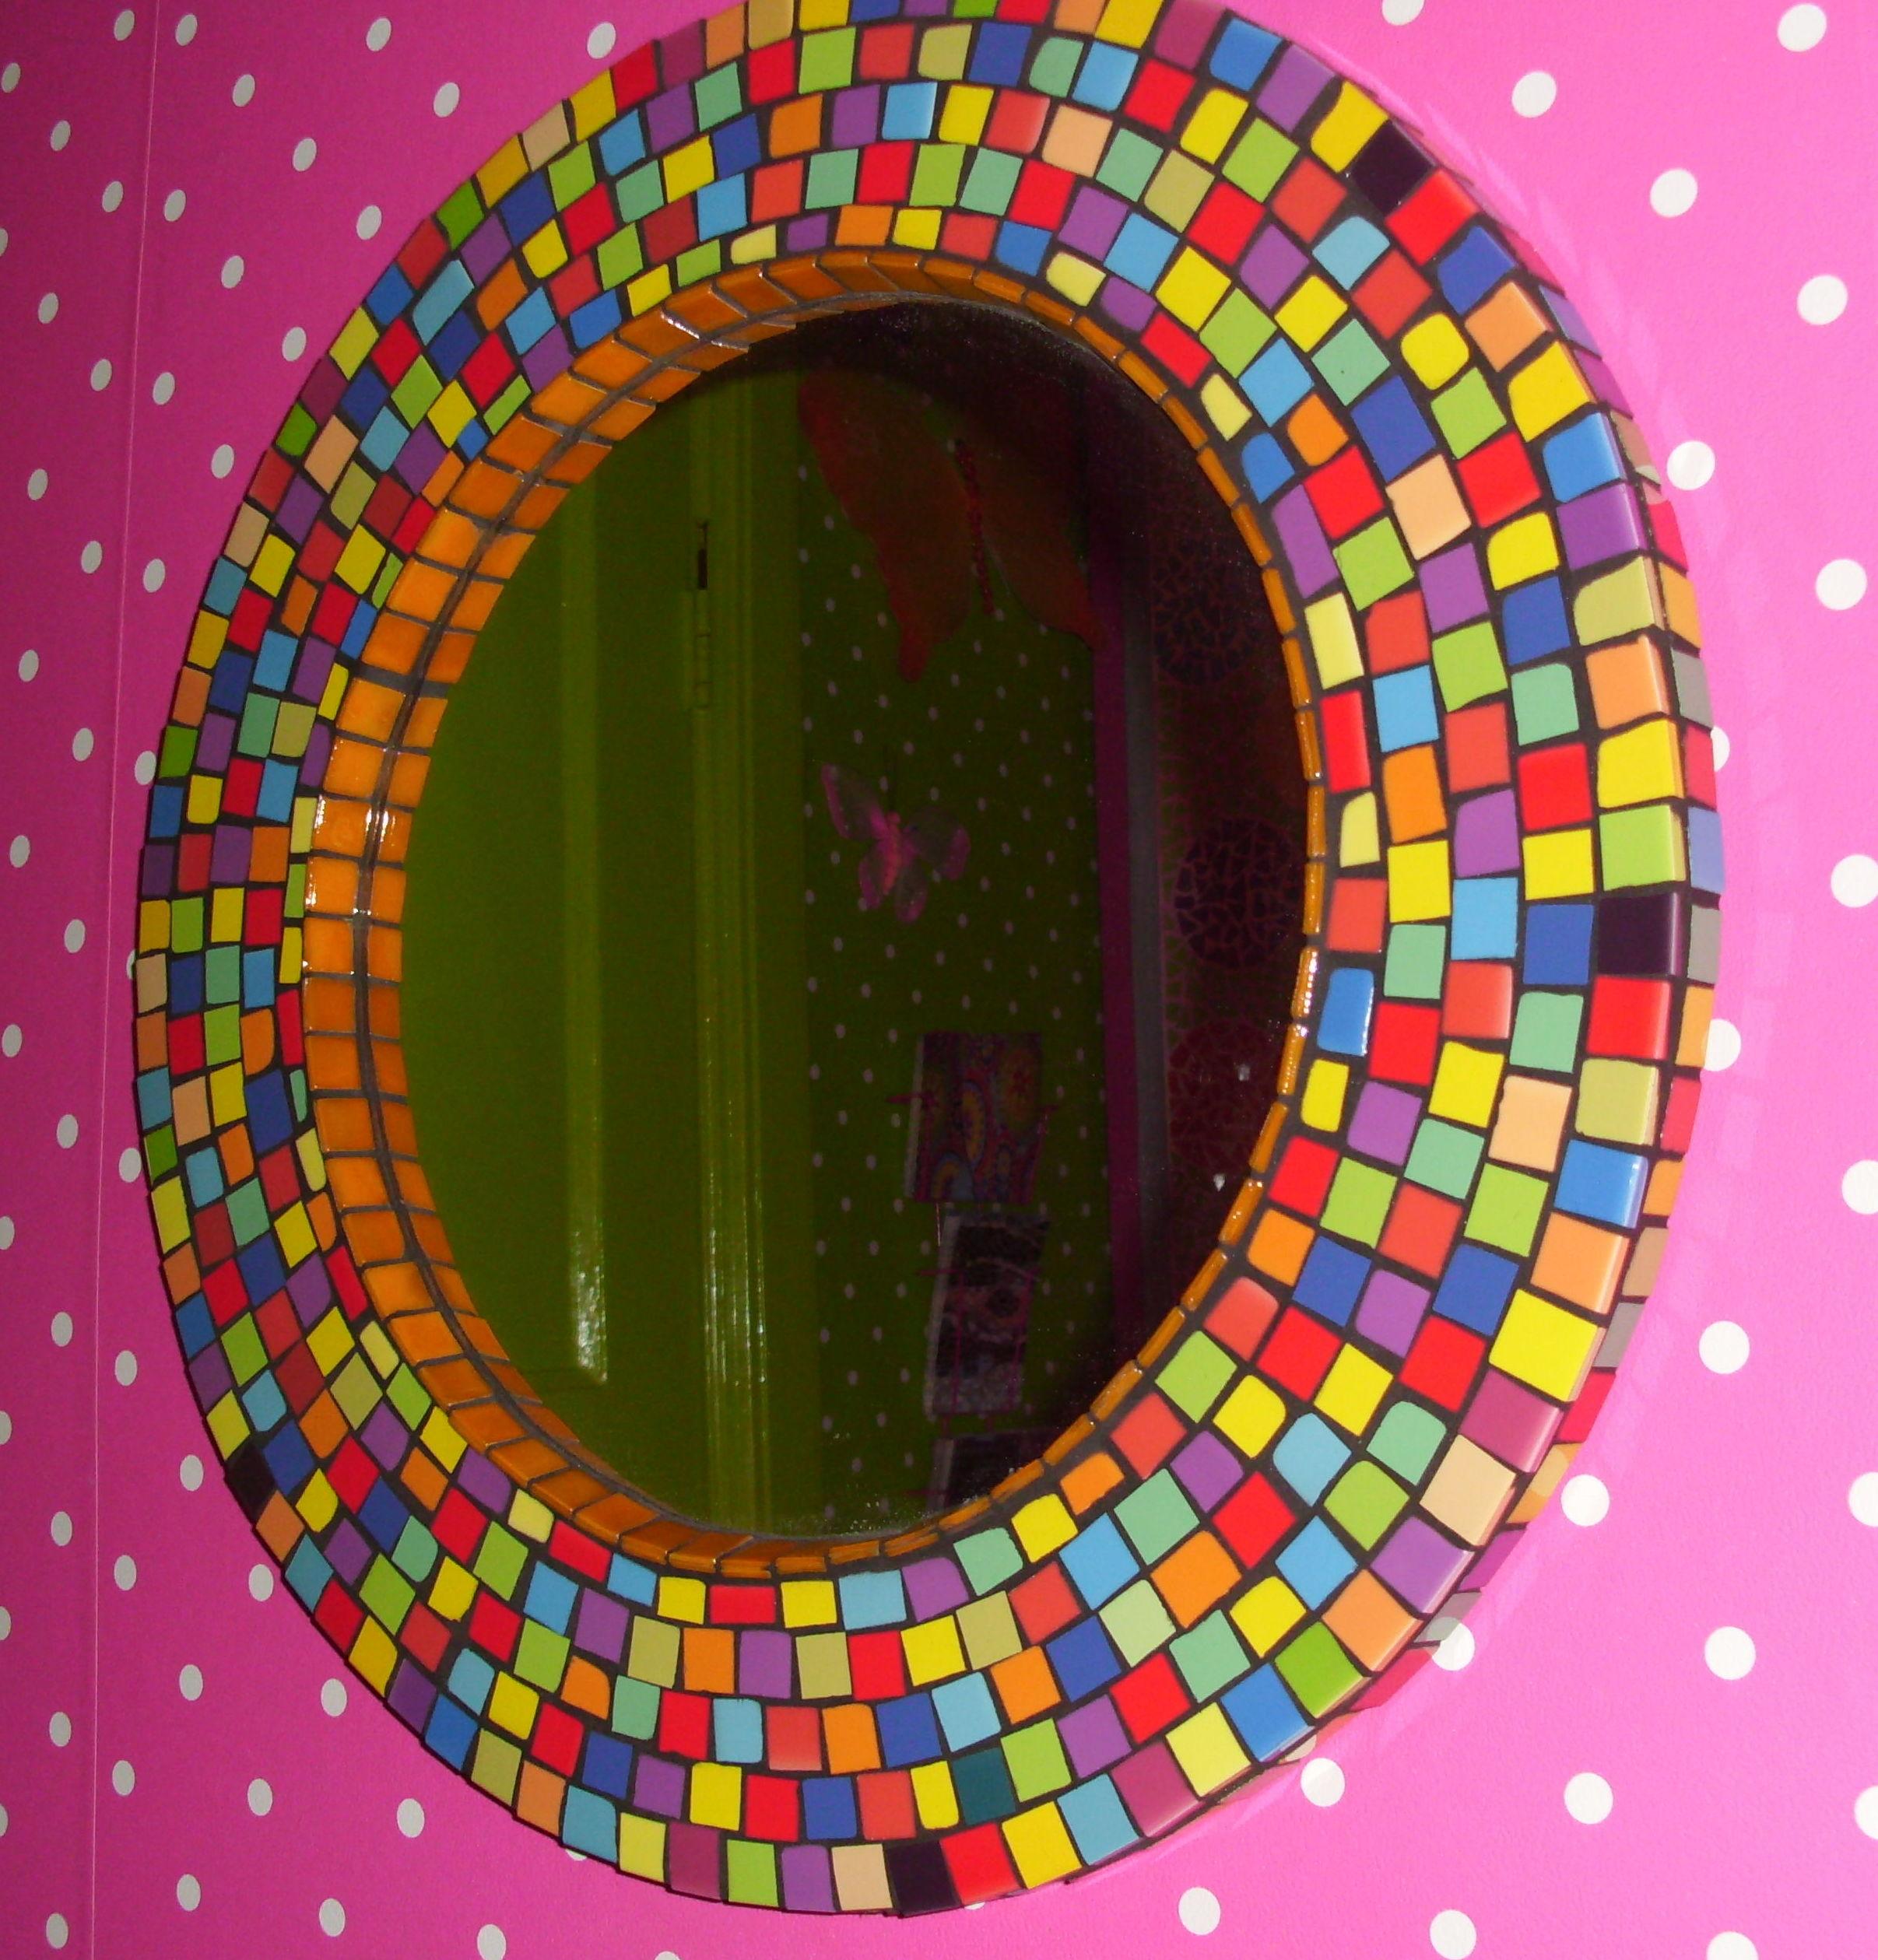 Fel gekleurde spiegel